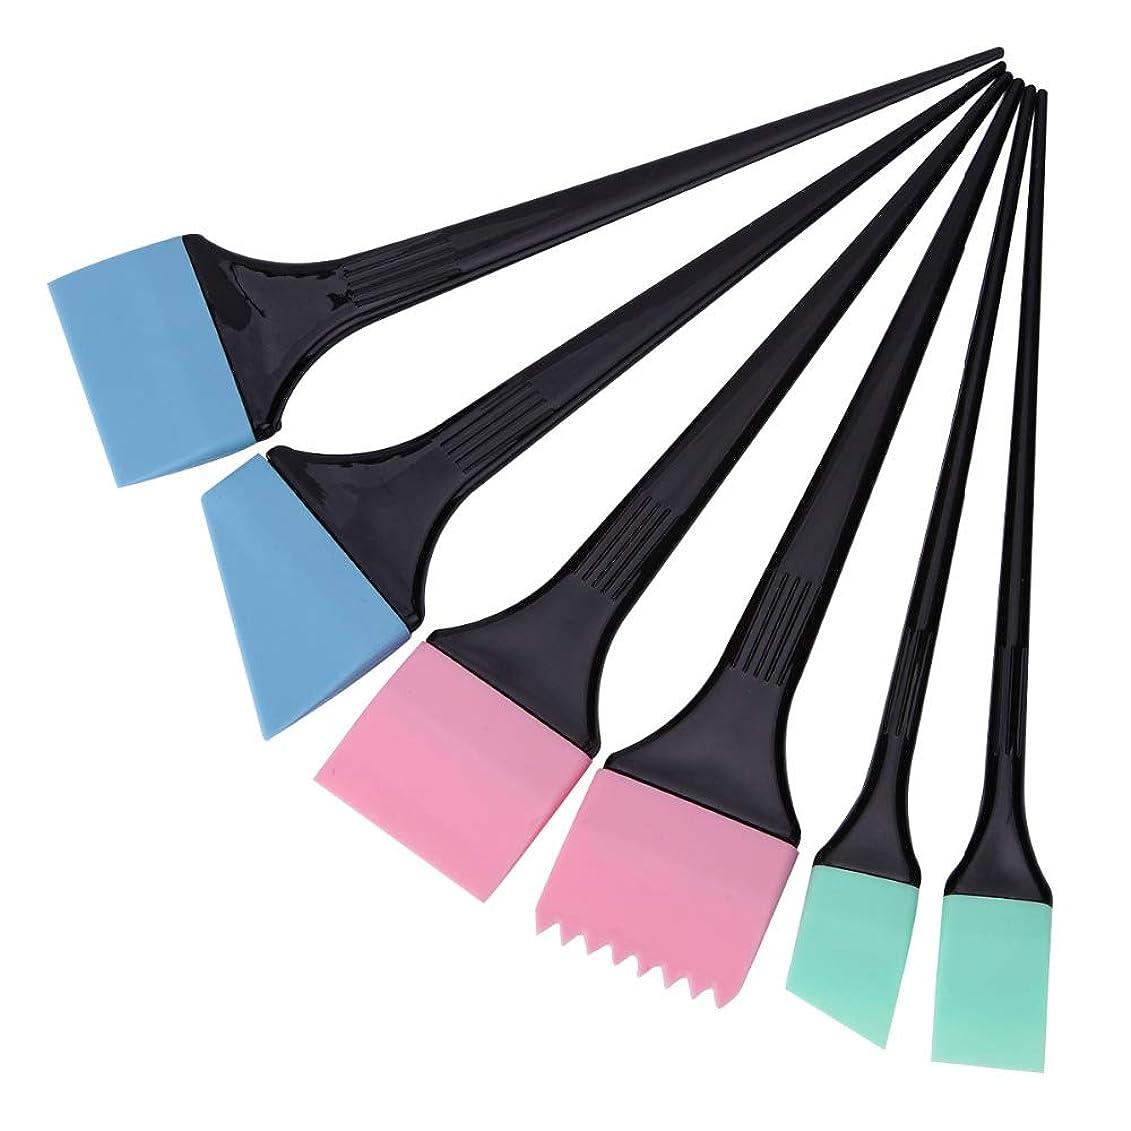 不器用ハブブメッセージヘアダイコーム&ブラシ 毛染めブラシ 6本/セット 着色櫛キット プロサロン 理髪スタイリングツール へアカラーセット グリーン